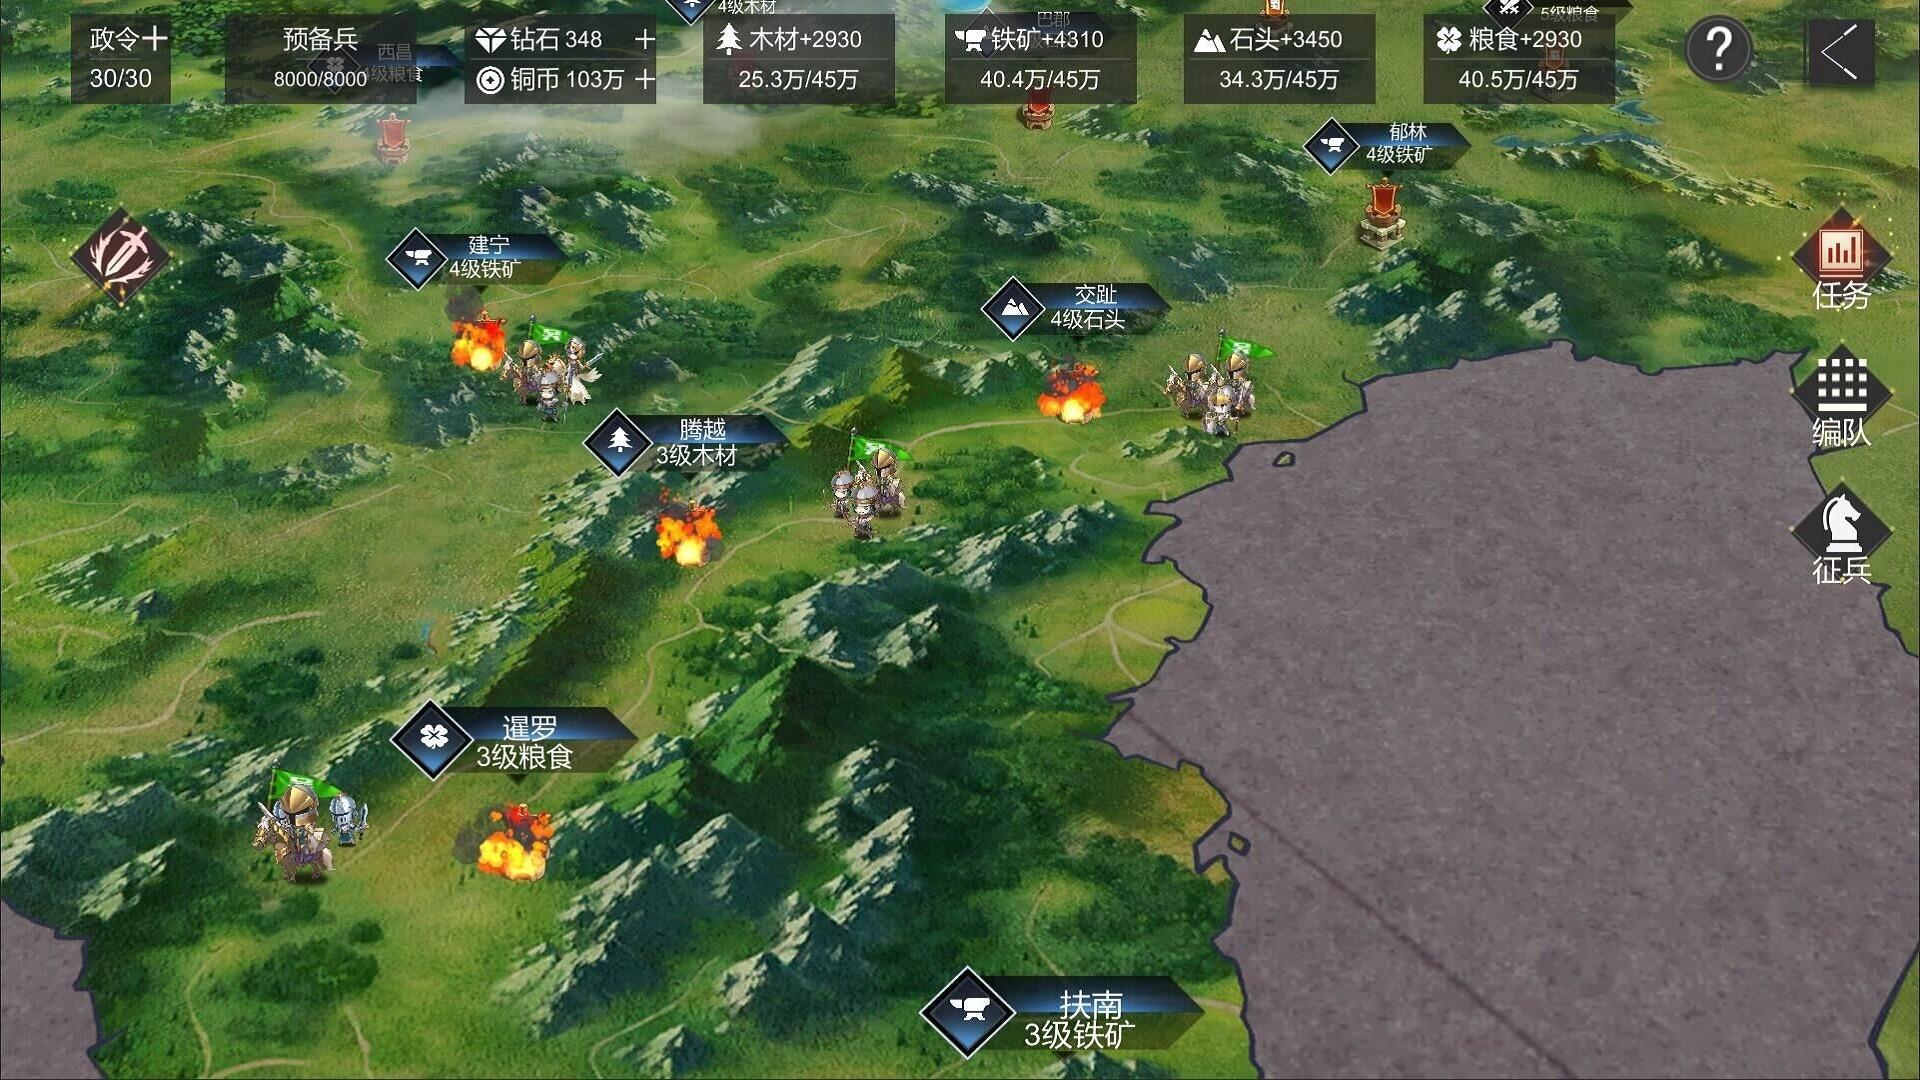 萌娘三国v1.0 国产战旗游戏